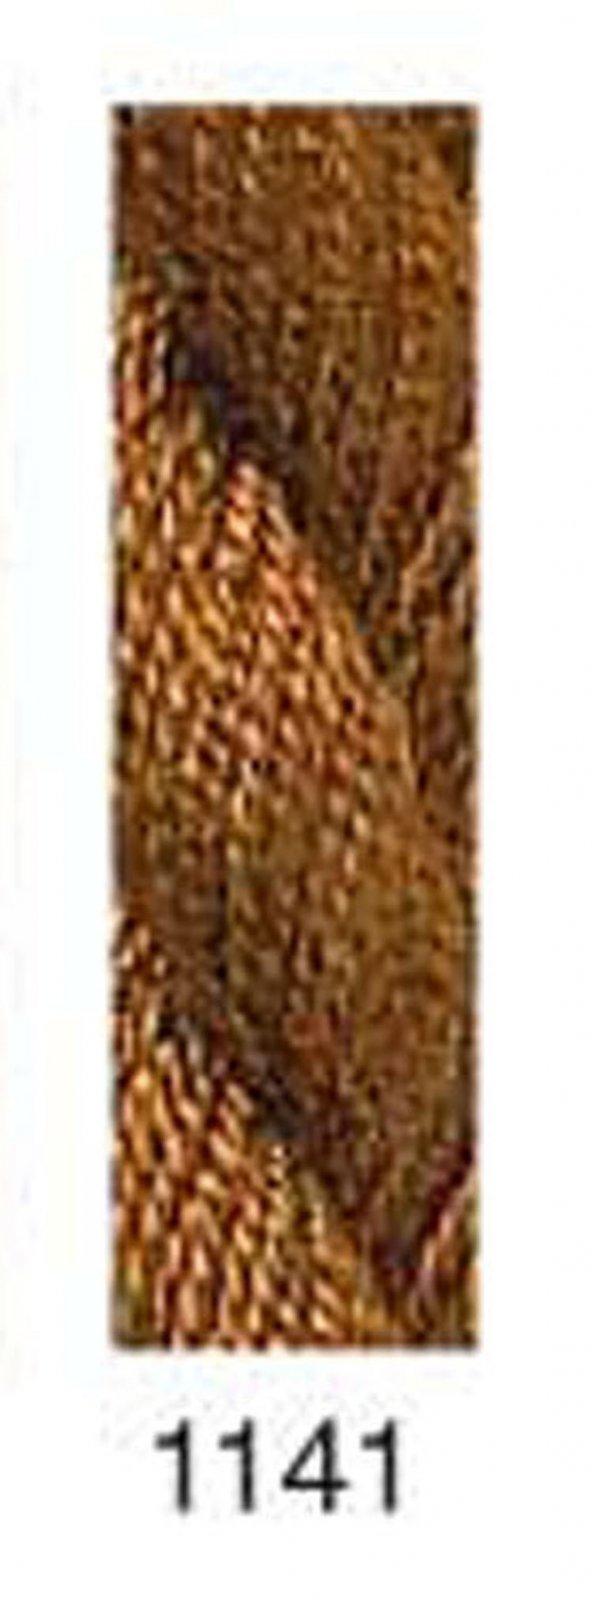 IMP-1141-GOLDEN BROWN